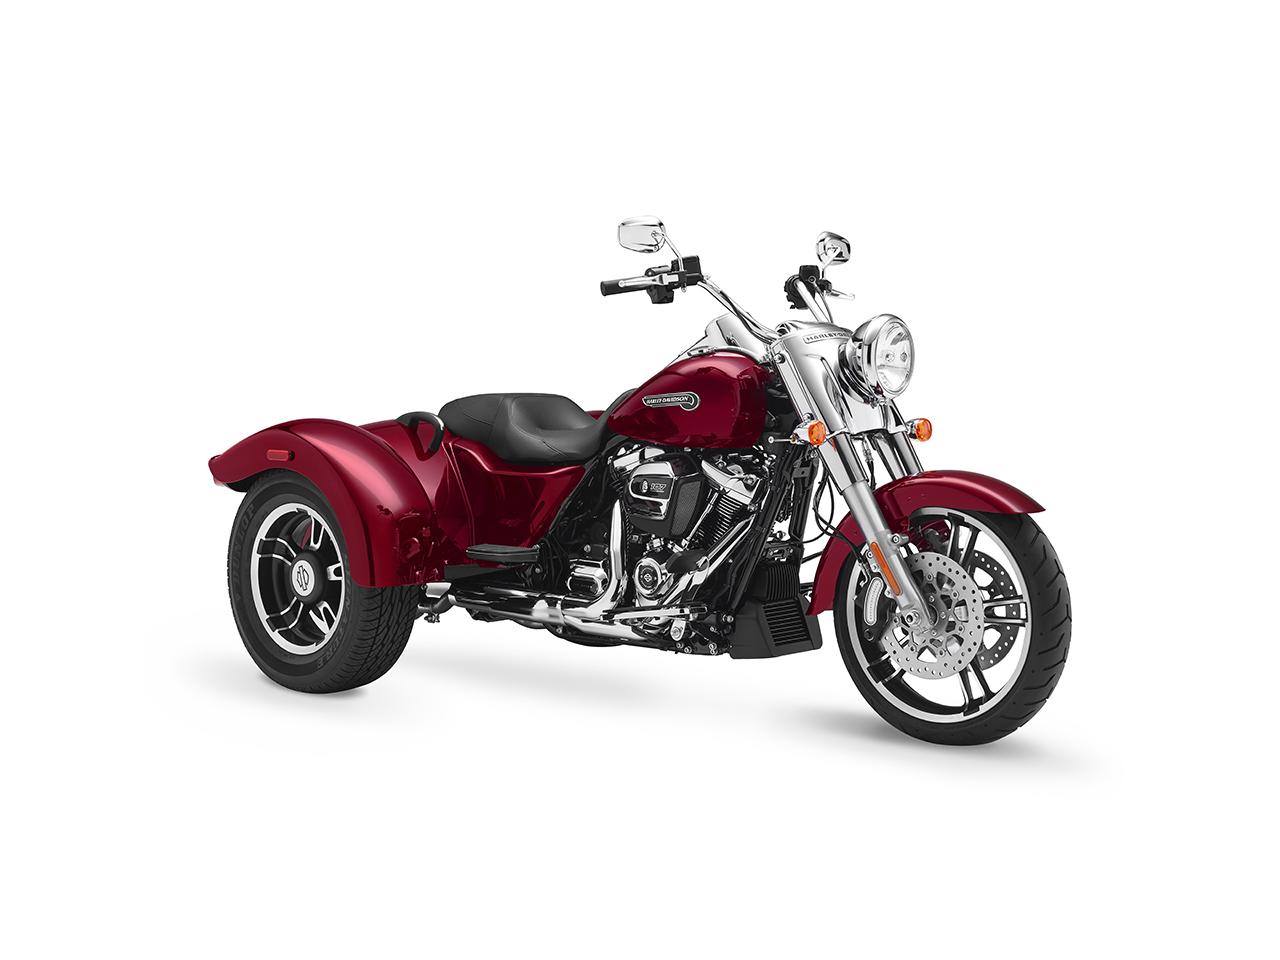 2018 Harley-Davidson Free Wheeler Image